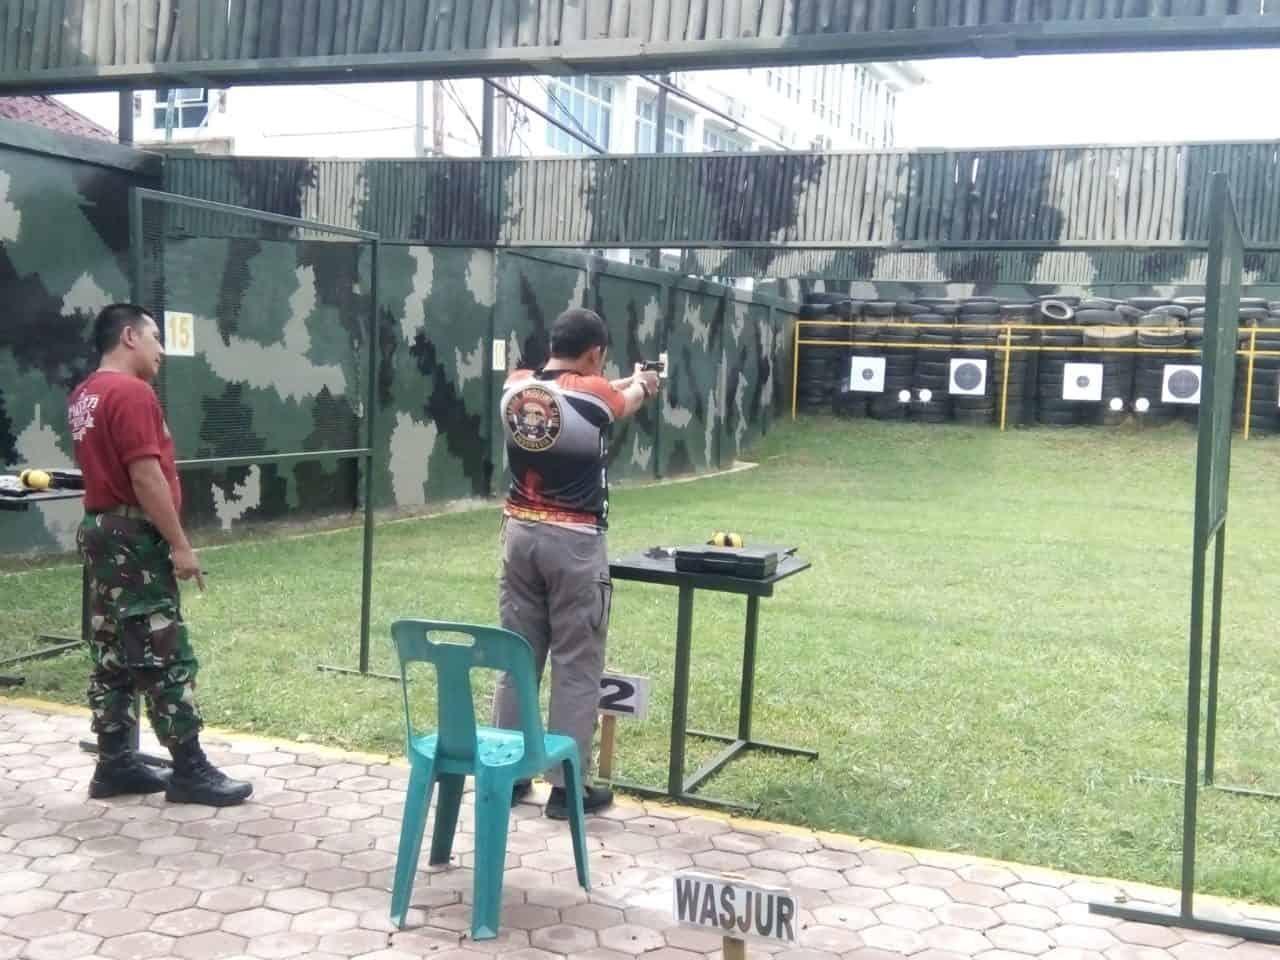 Hut Ke-73 Peralatan Tni Angkatan Darat (palad) Iskandar Muda Aceh, Perwira Lanud Maimun Saleh Sabet Gelar Juara Iii Perorangan Tni/polri Lomba Menembak.